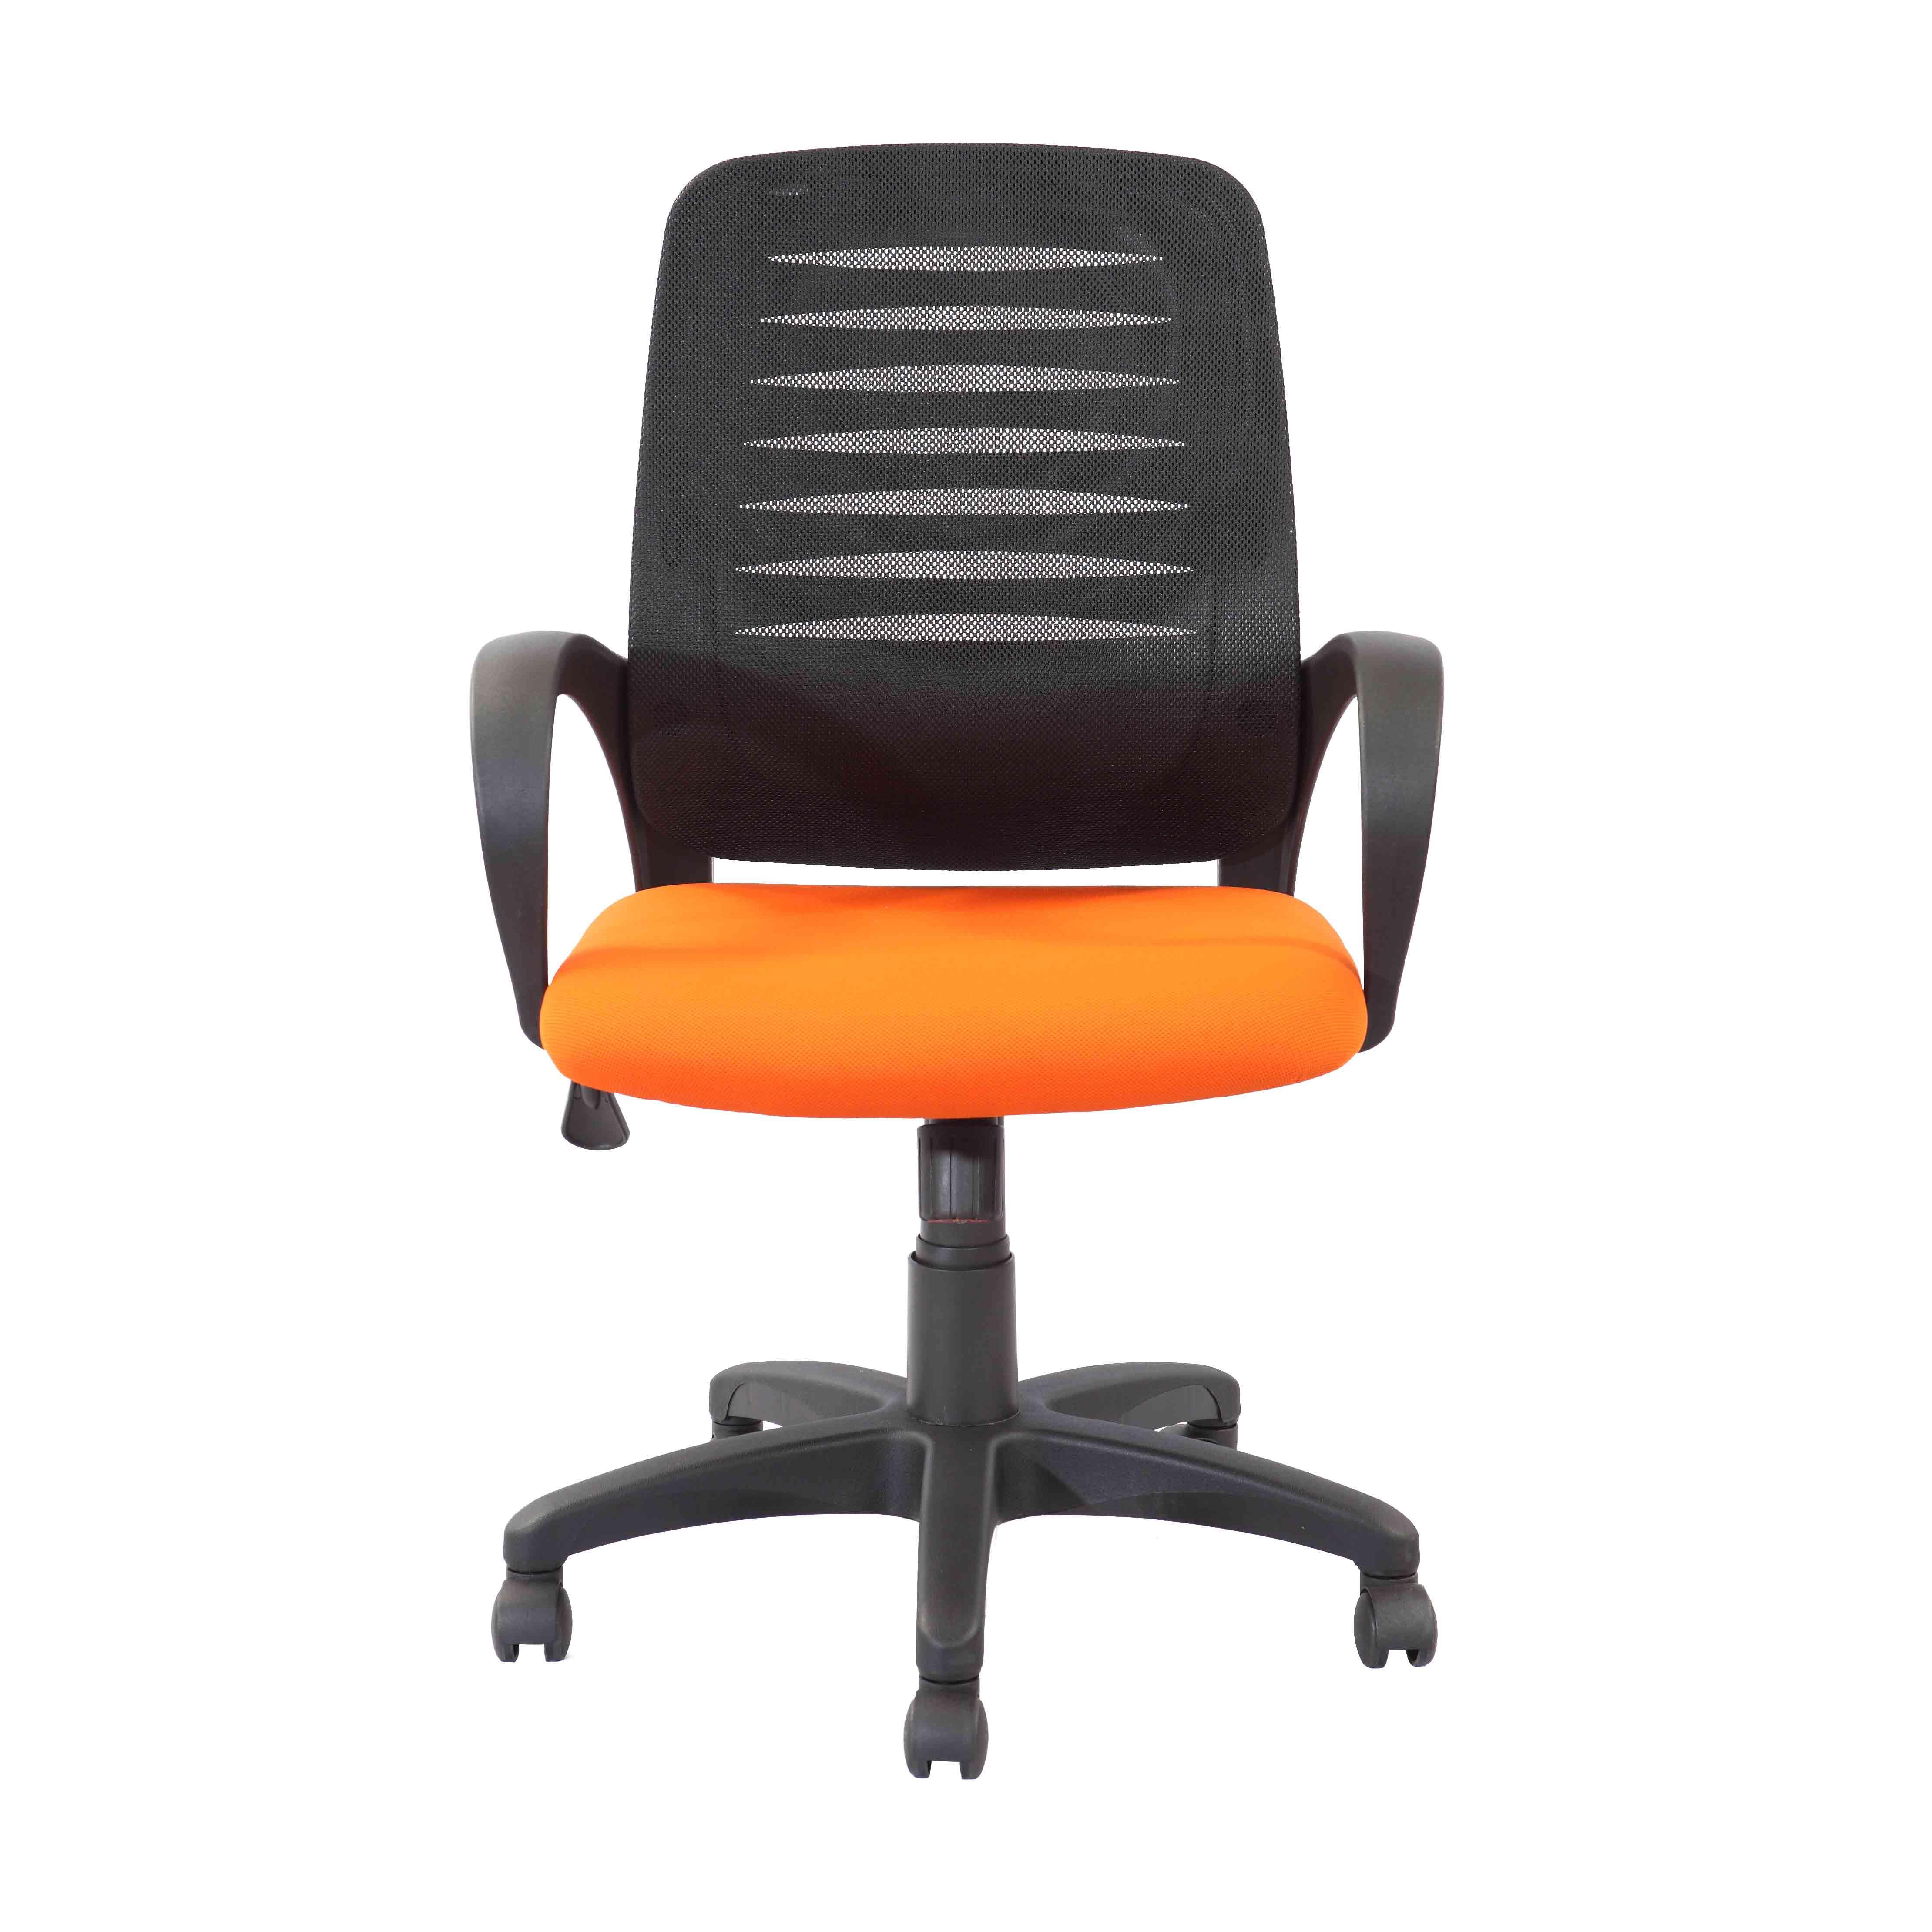 座椅系列网布椅Y-B150107